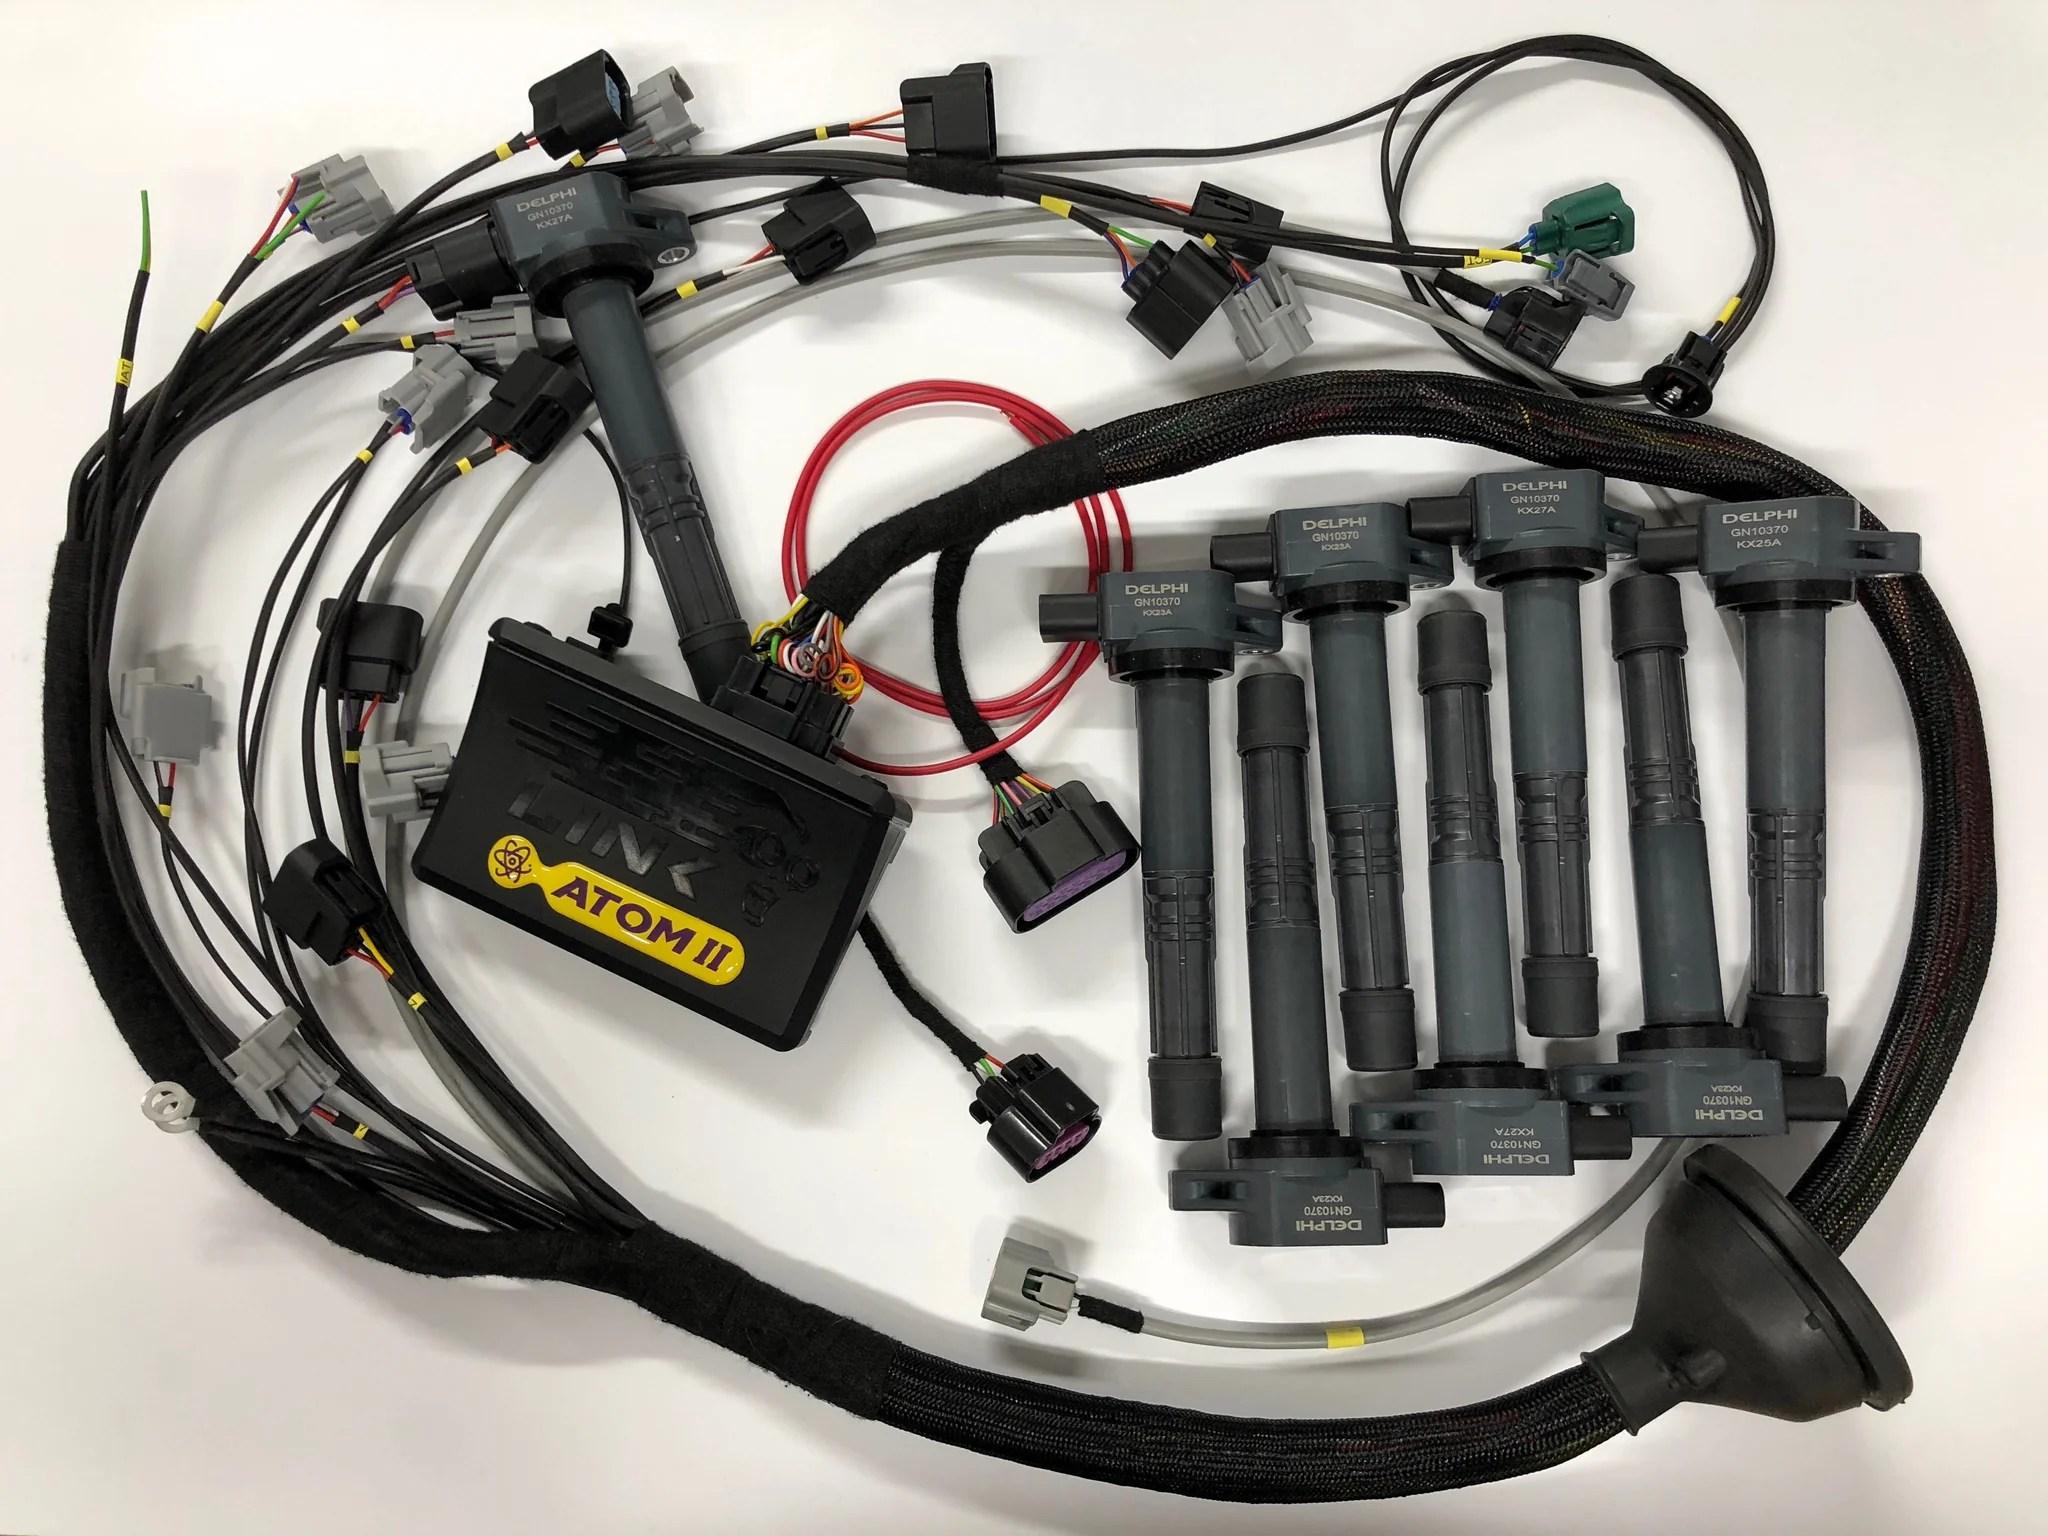 hight resolution of link g4 atom storm xtreme thunder ecu 1uzfe 1uz with wiring 1uzfe wiring harness 1uz wiring harness